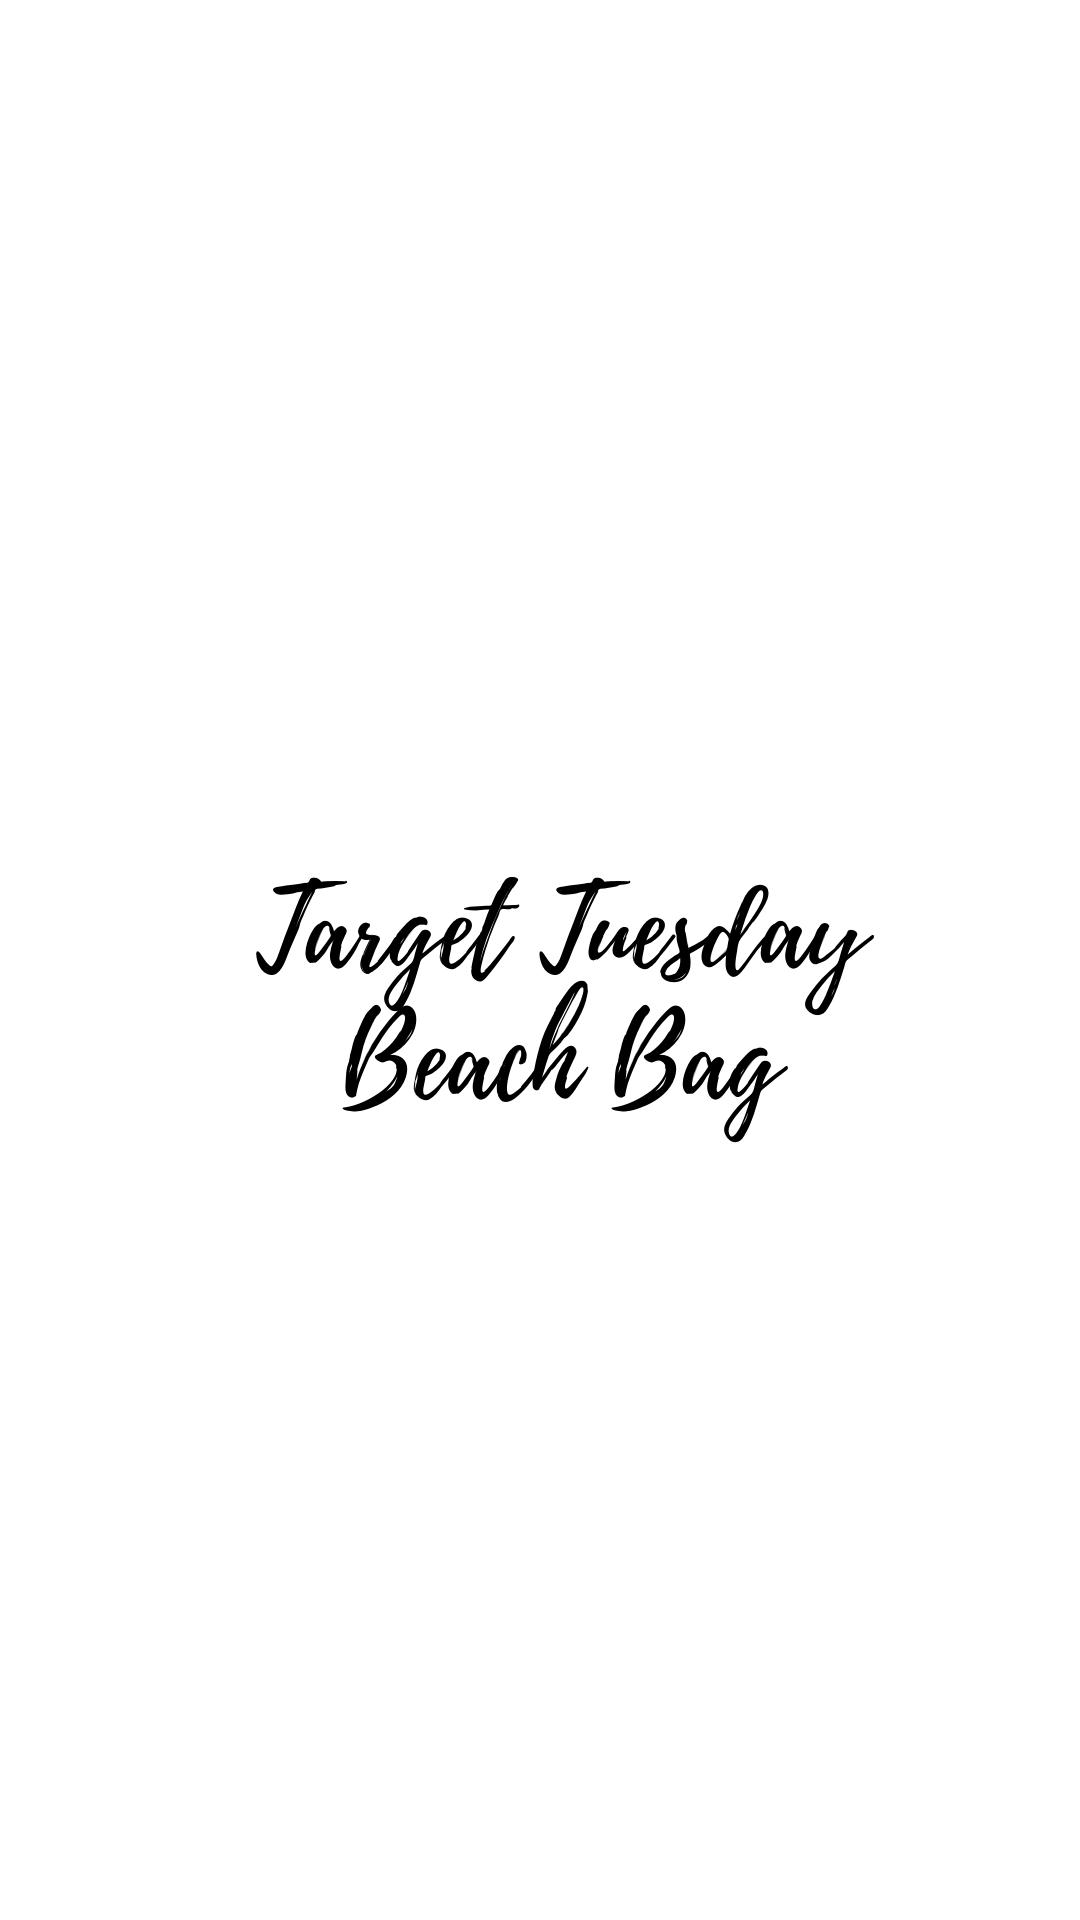 sarah bowmar target tuesday beach bag